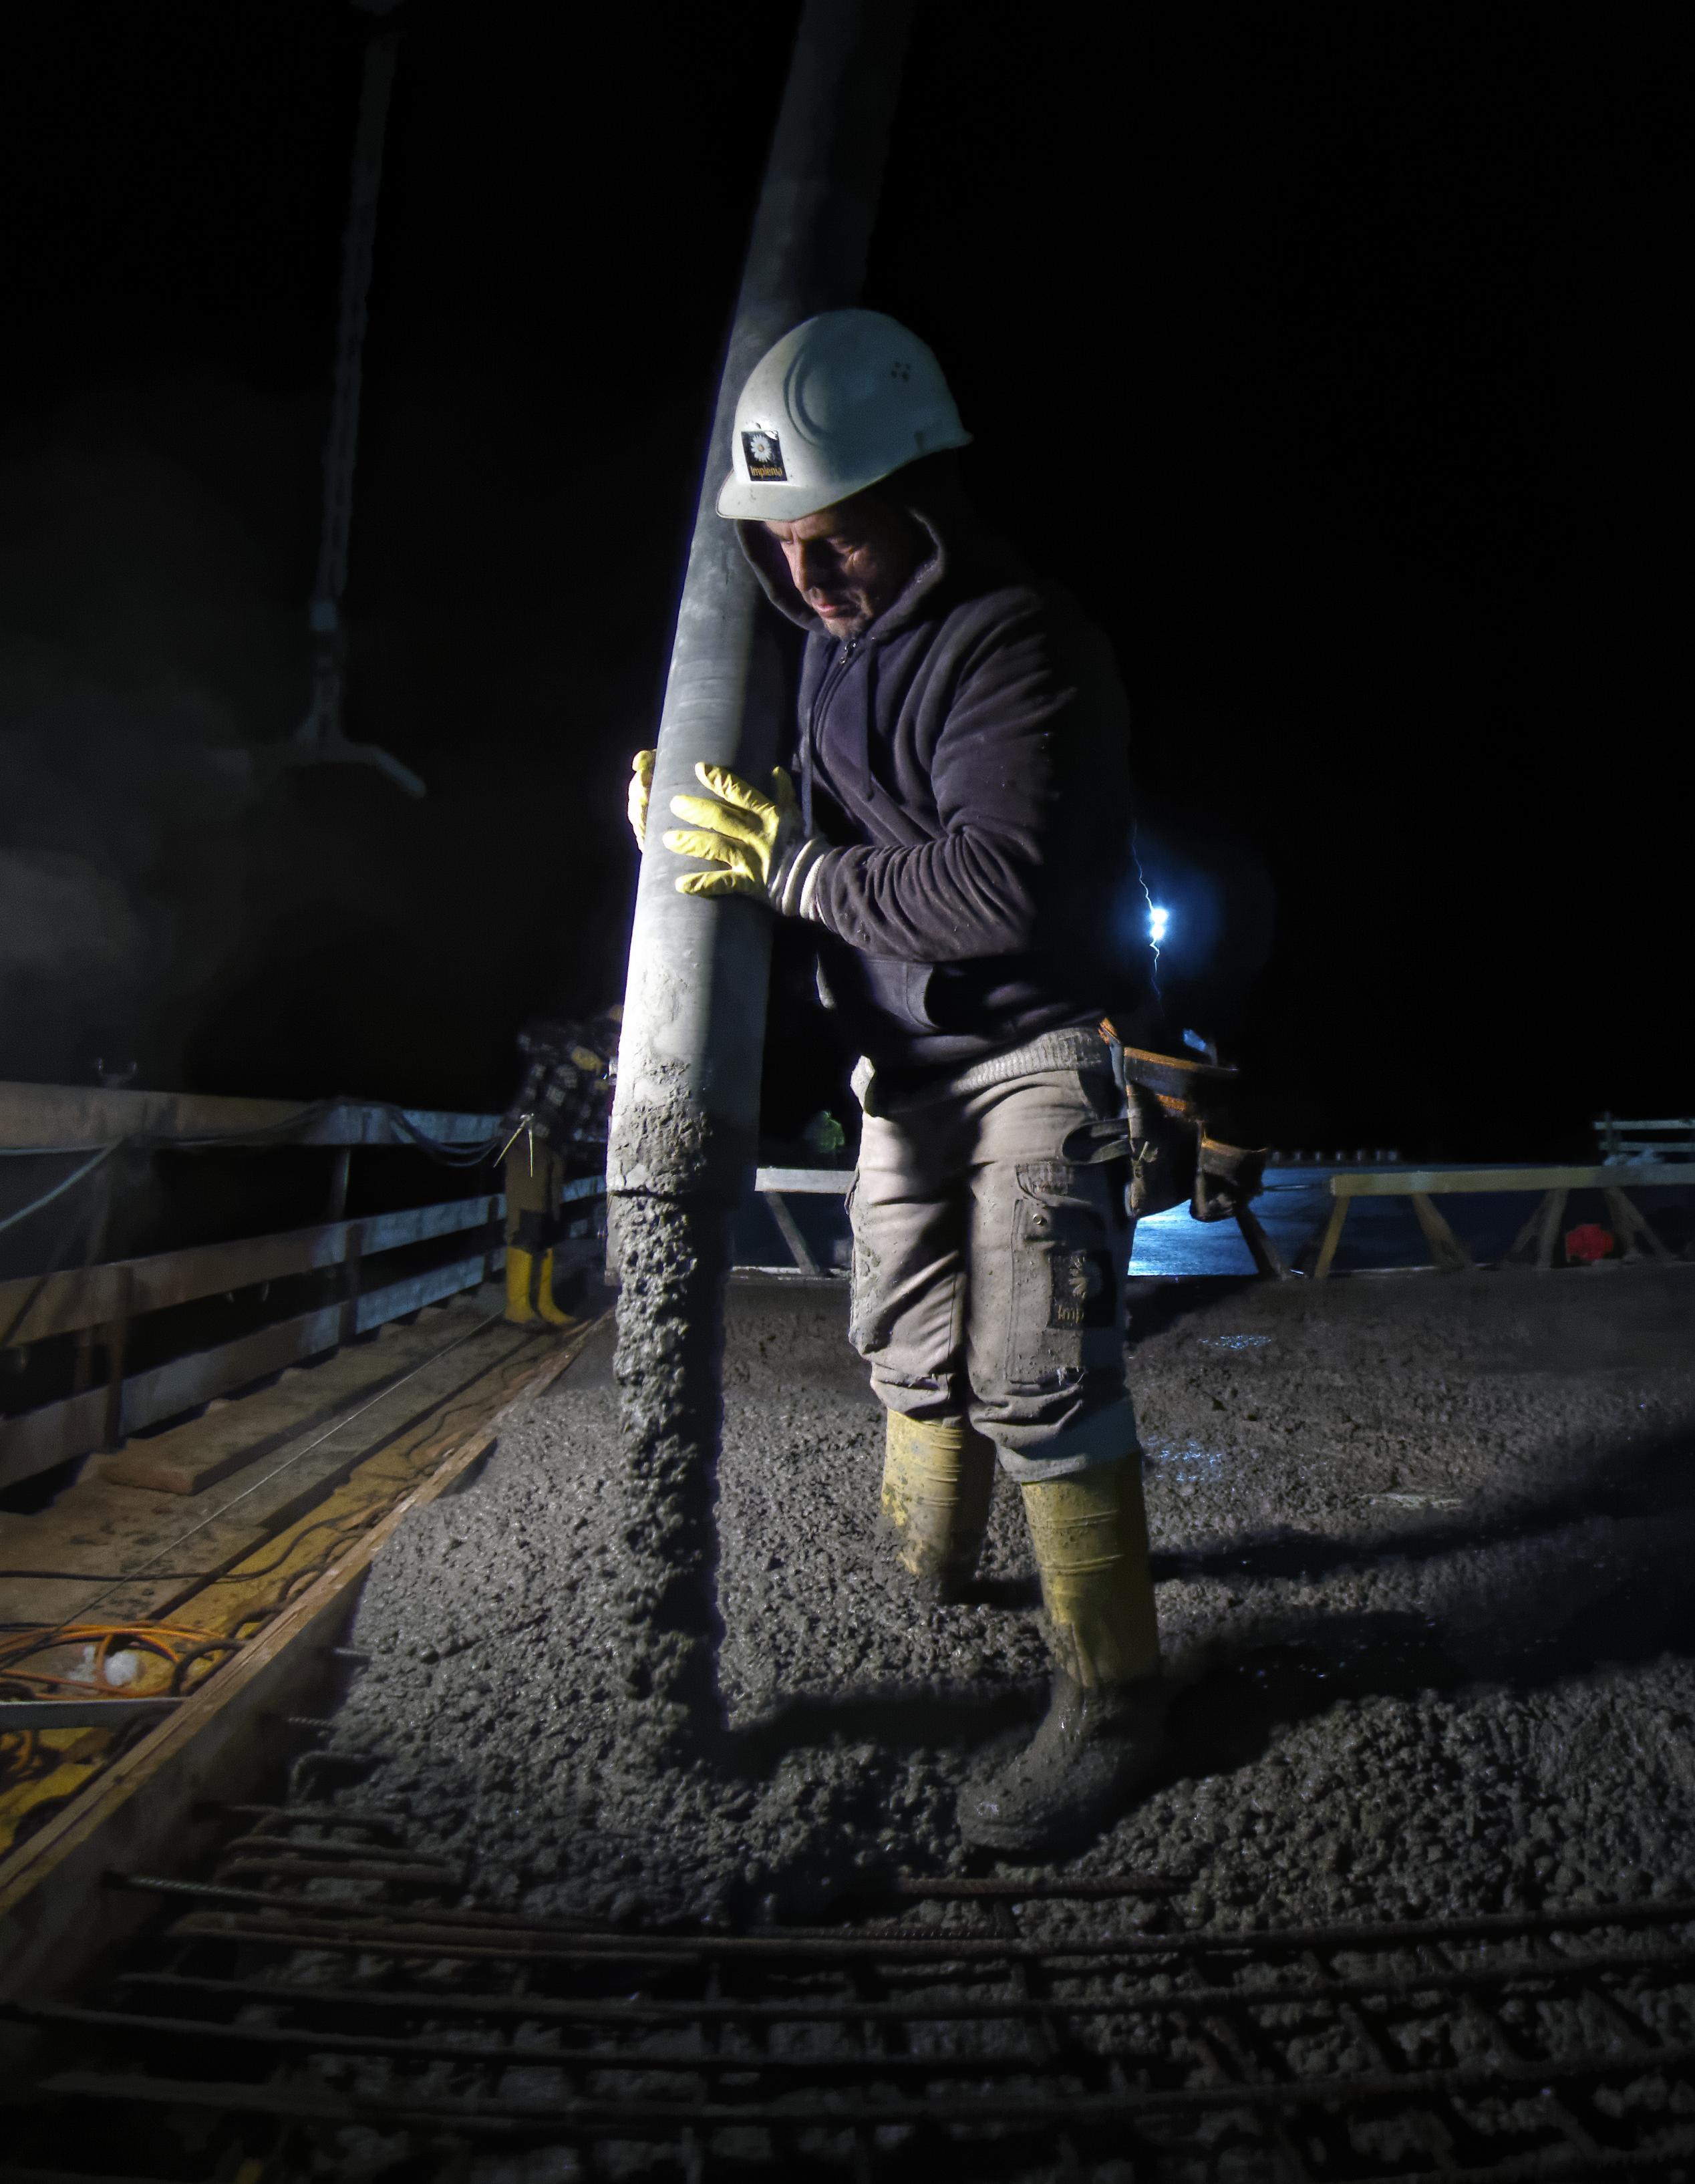 24 h concreting action on a bridge